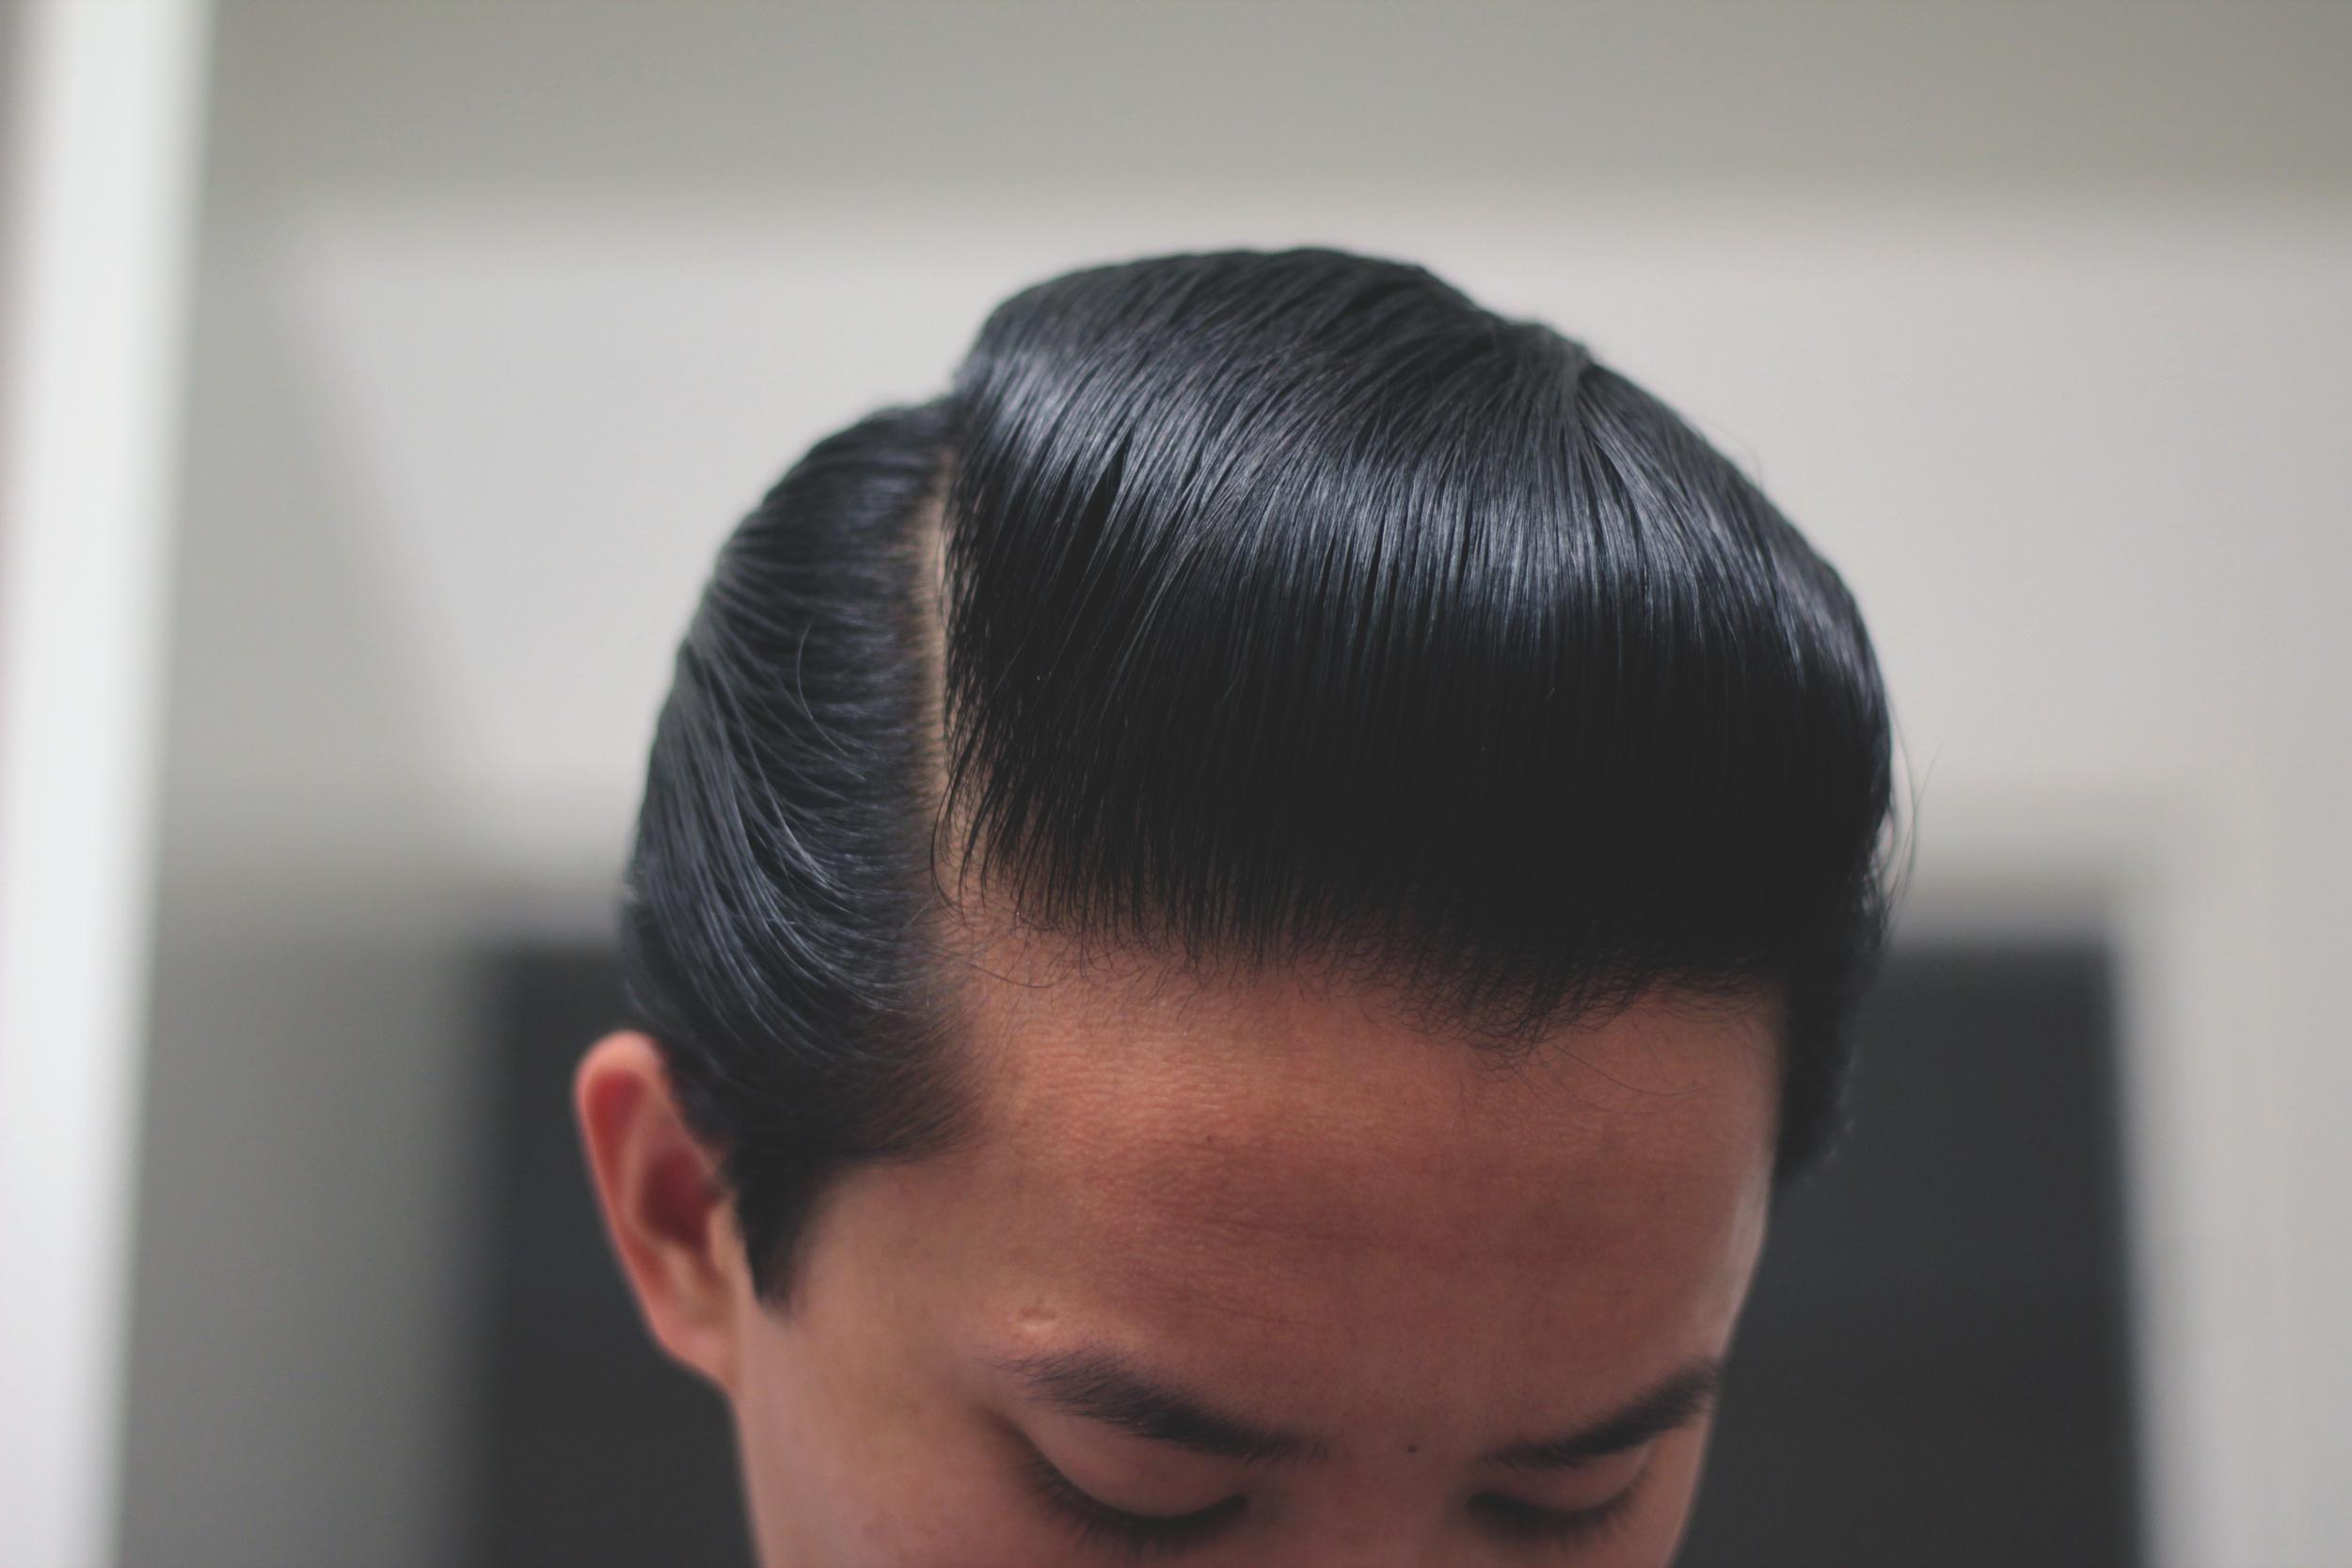 Black & White Hair Dressing Pomade - part